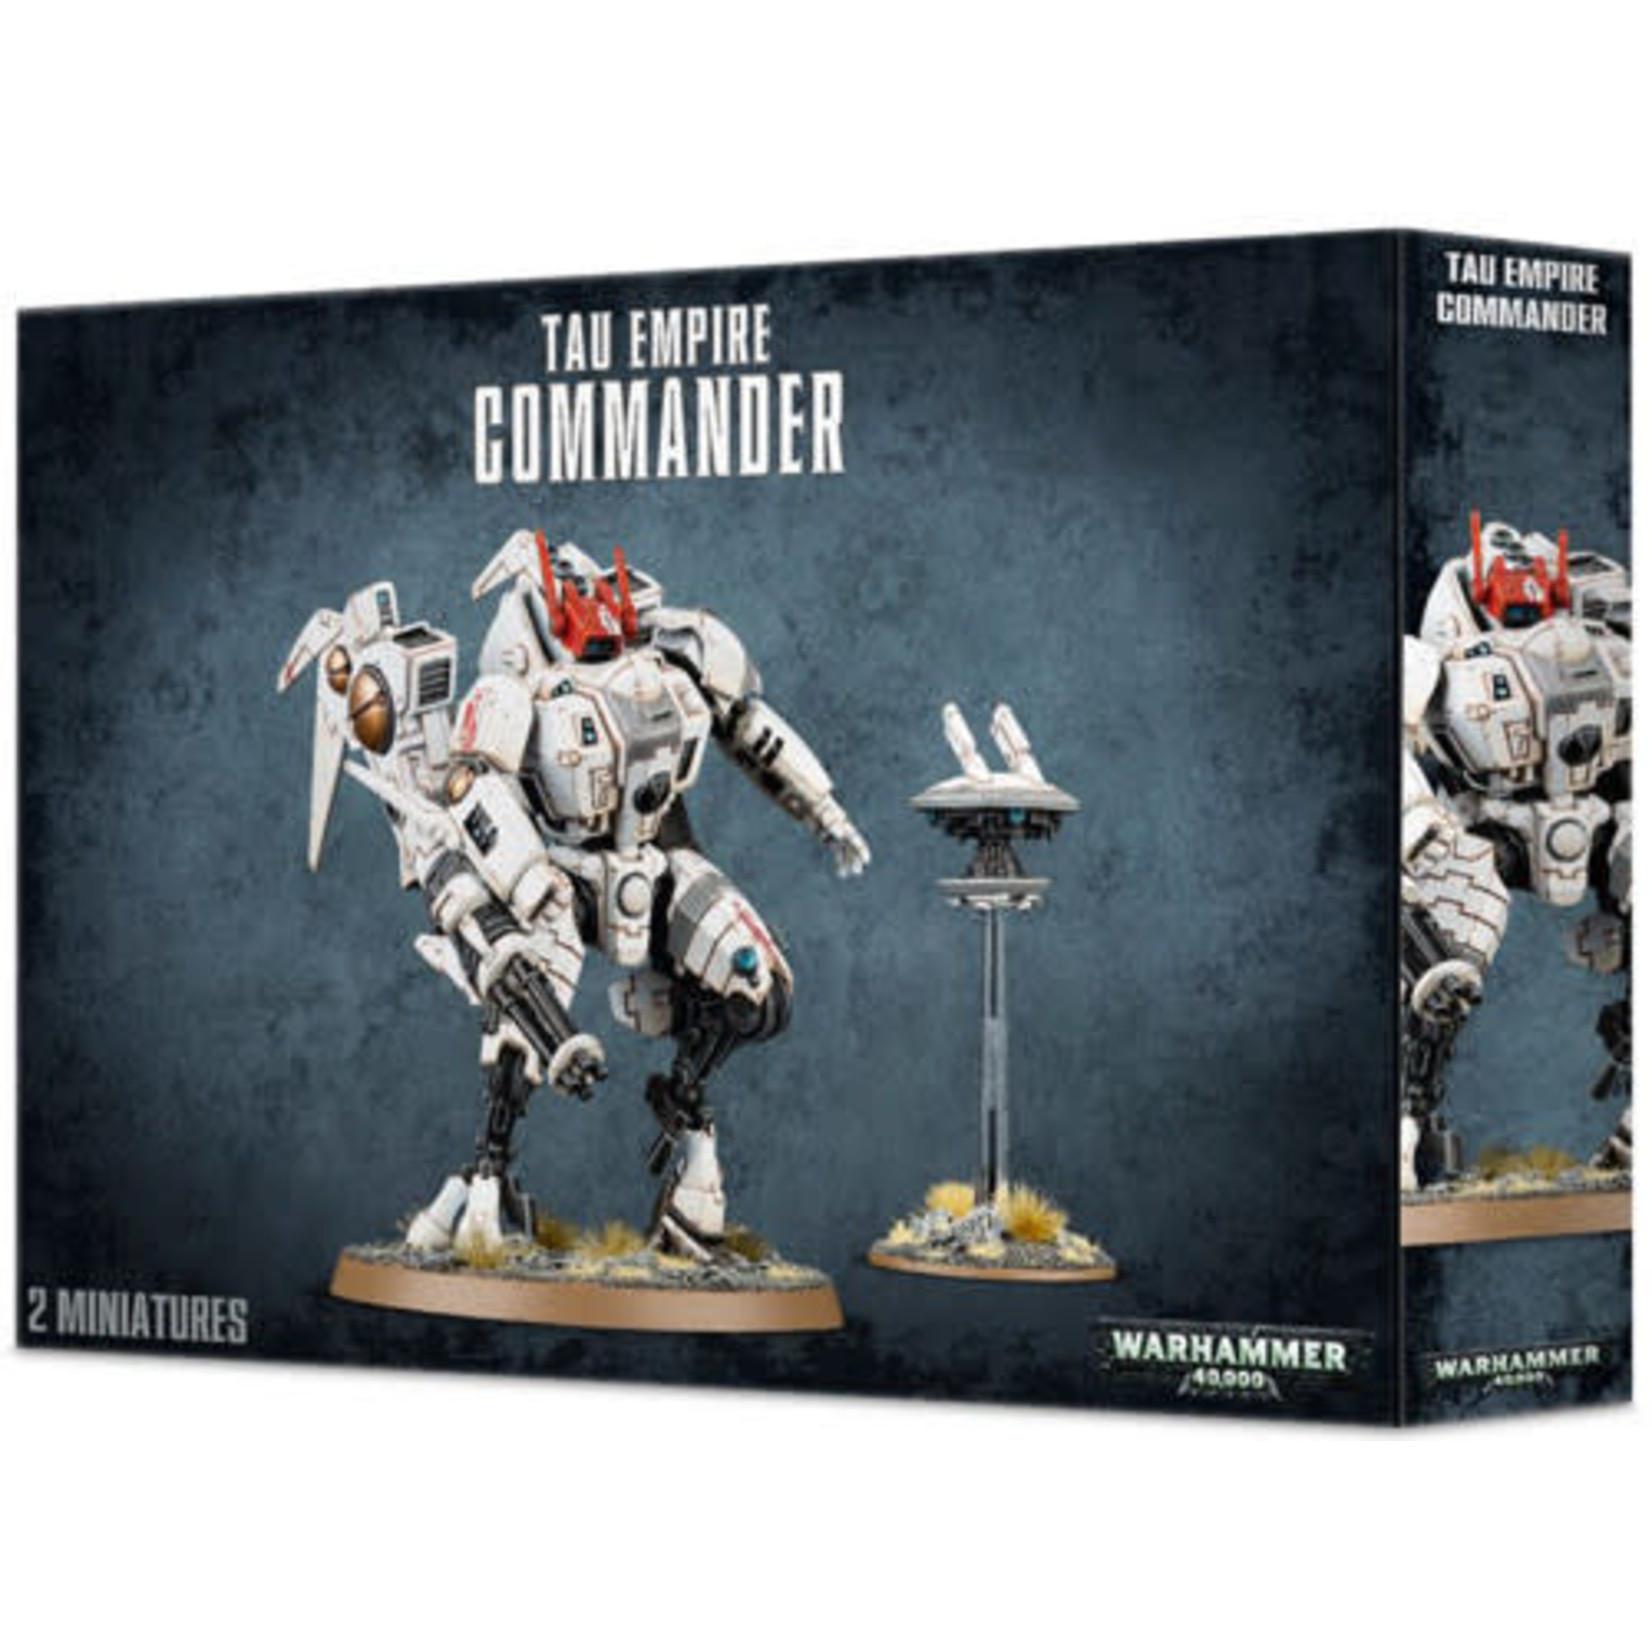 Games Workshop Tau Empire Commander (40K)